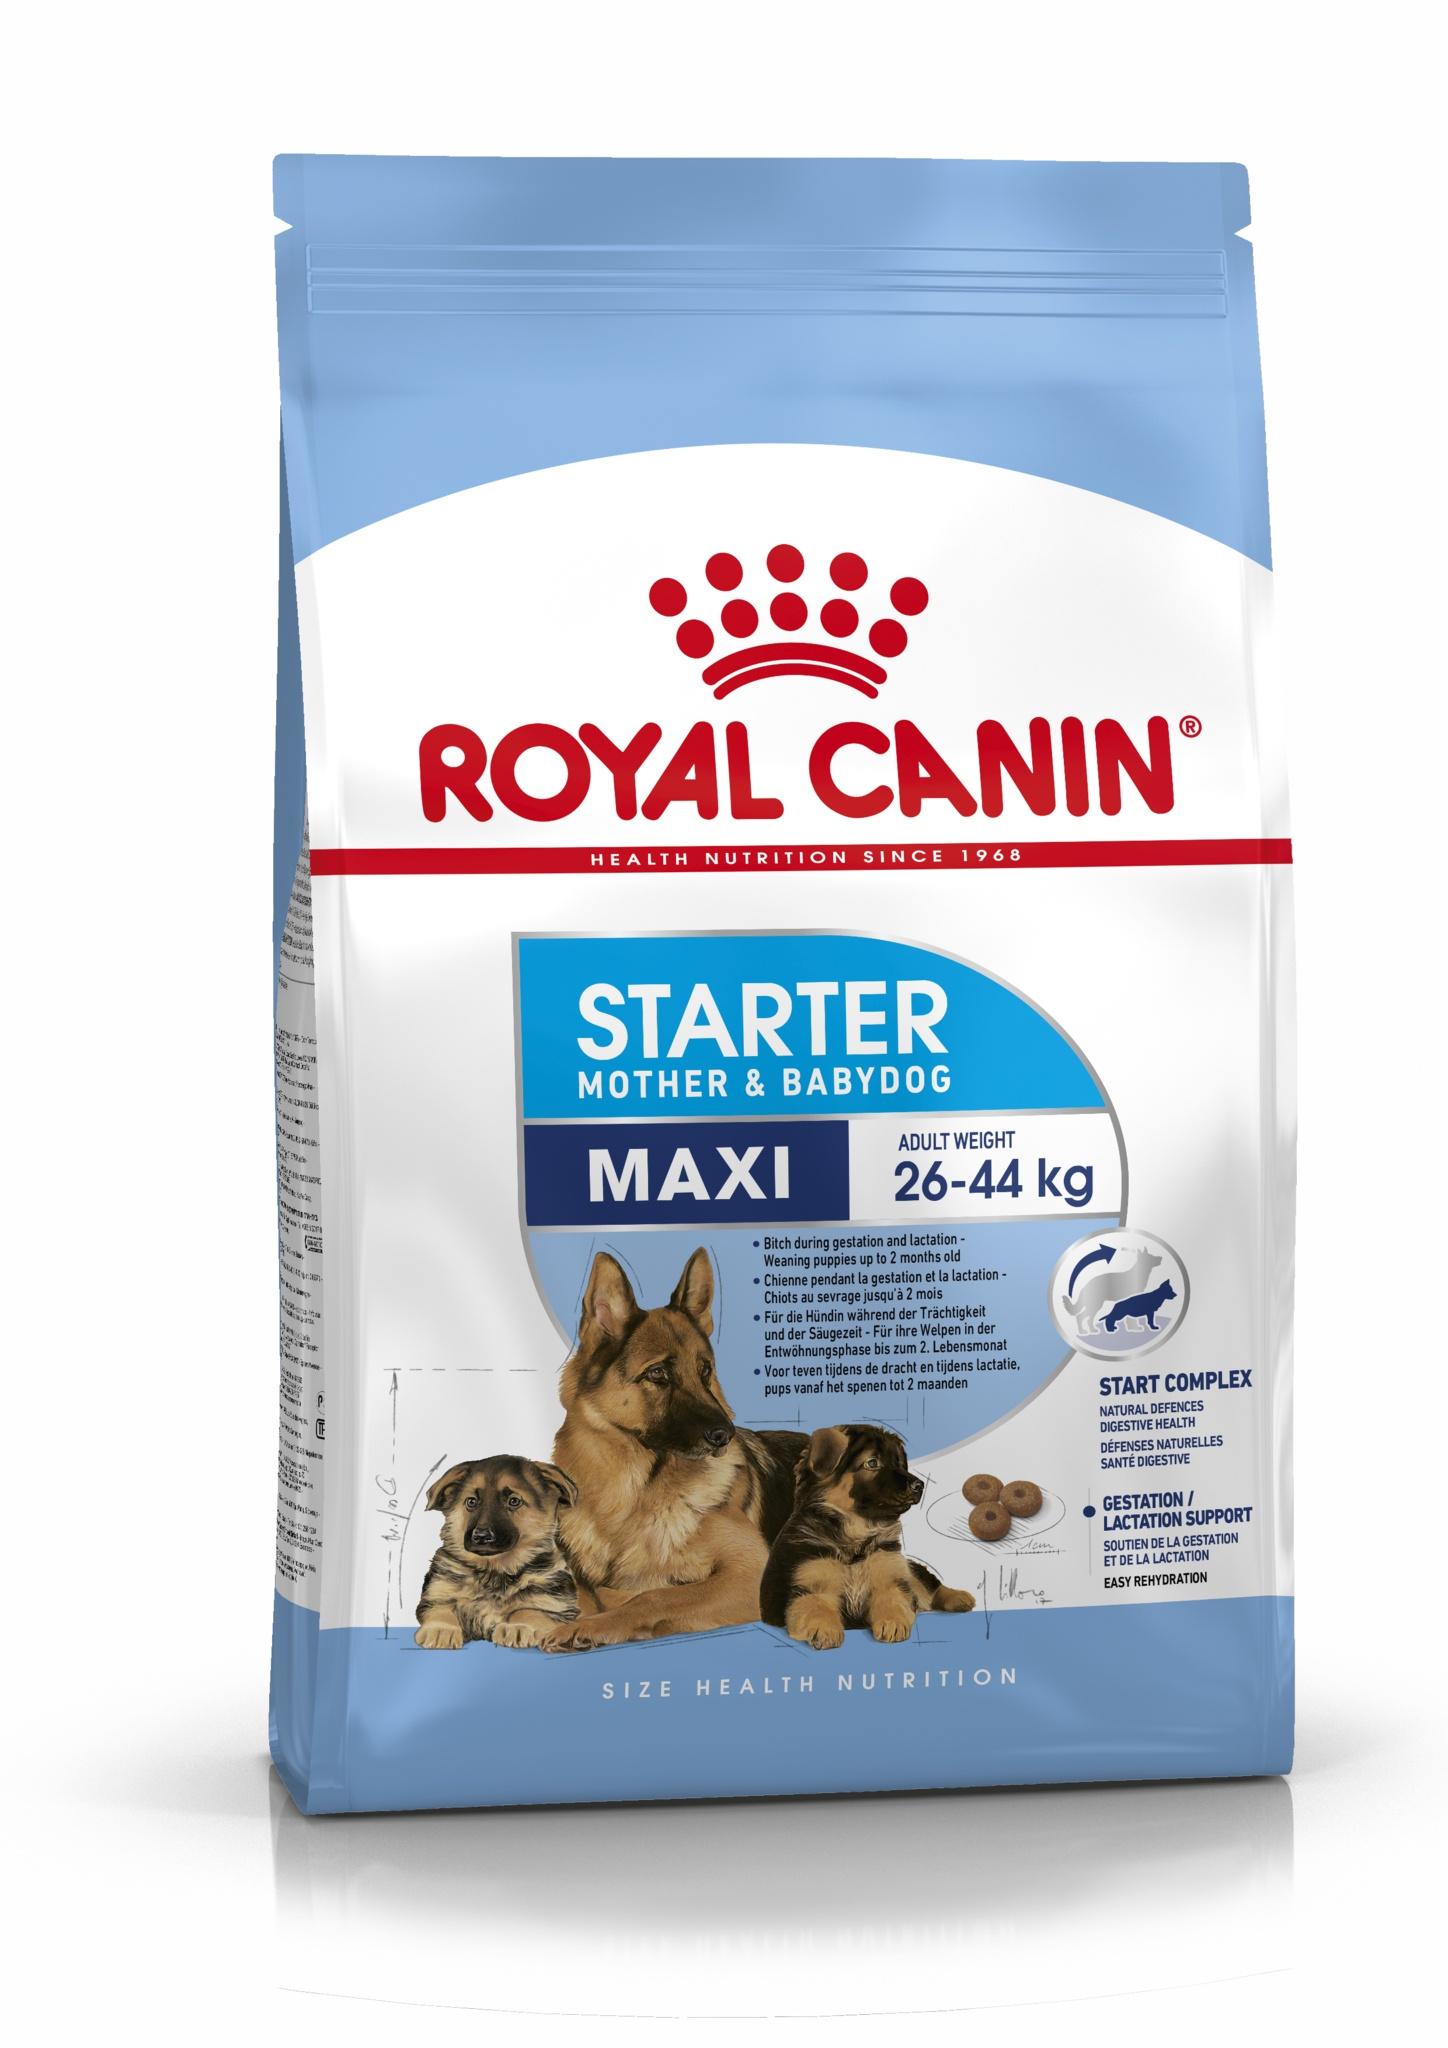 Royal Canin Maxi Starter (15 кг) royal canin royal canin mini starter mother